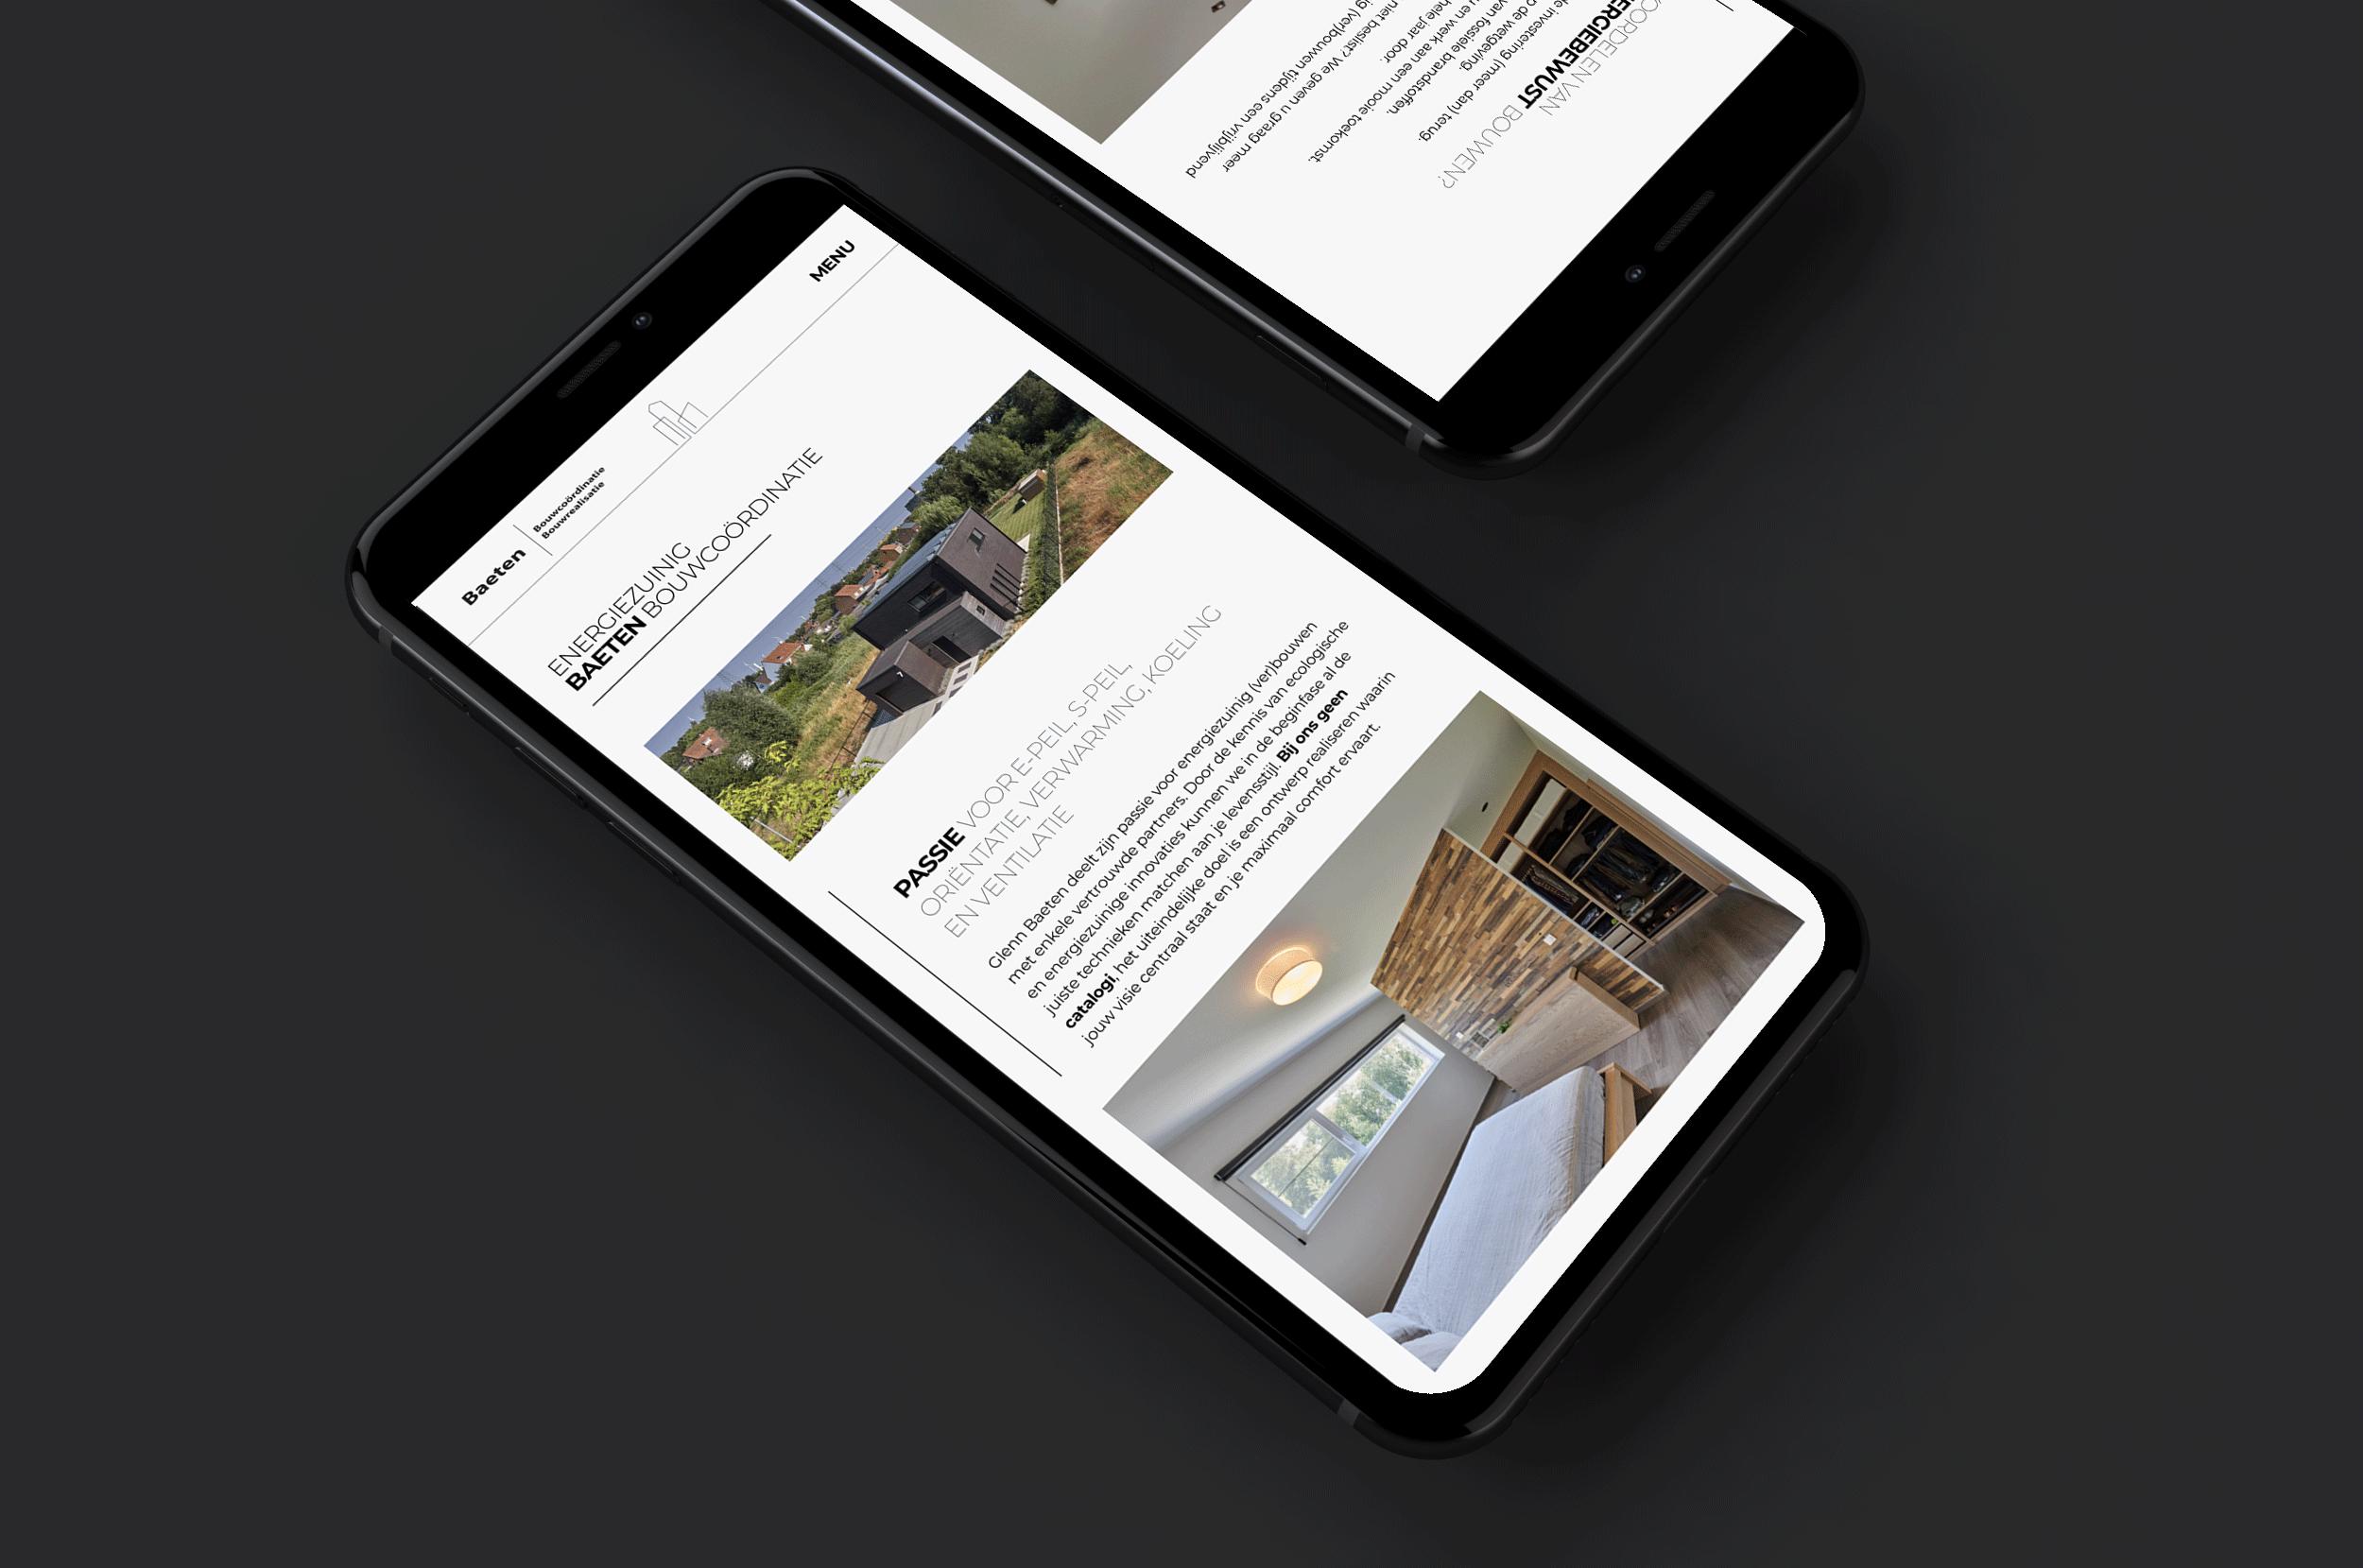 website laten maken iPhone